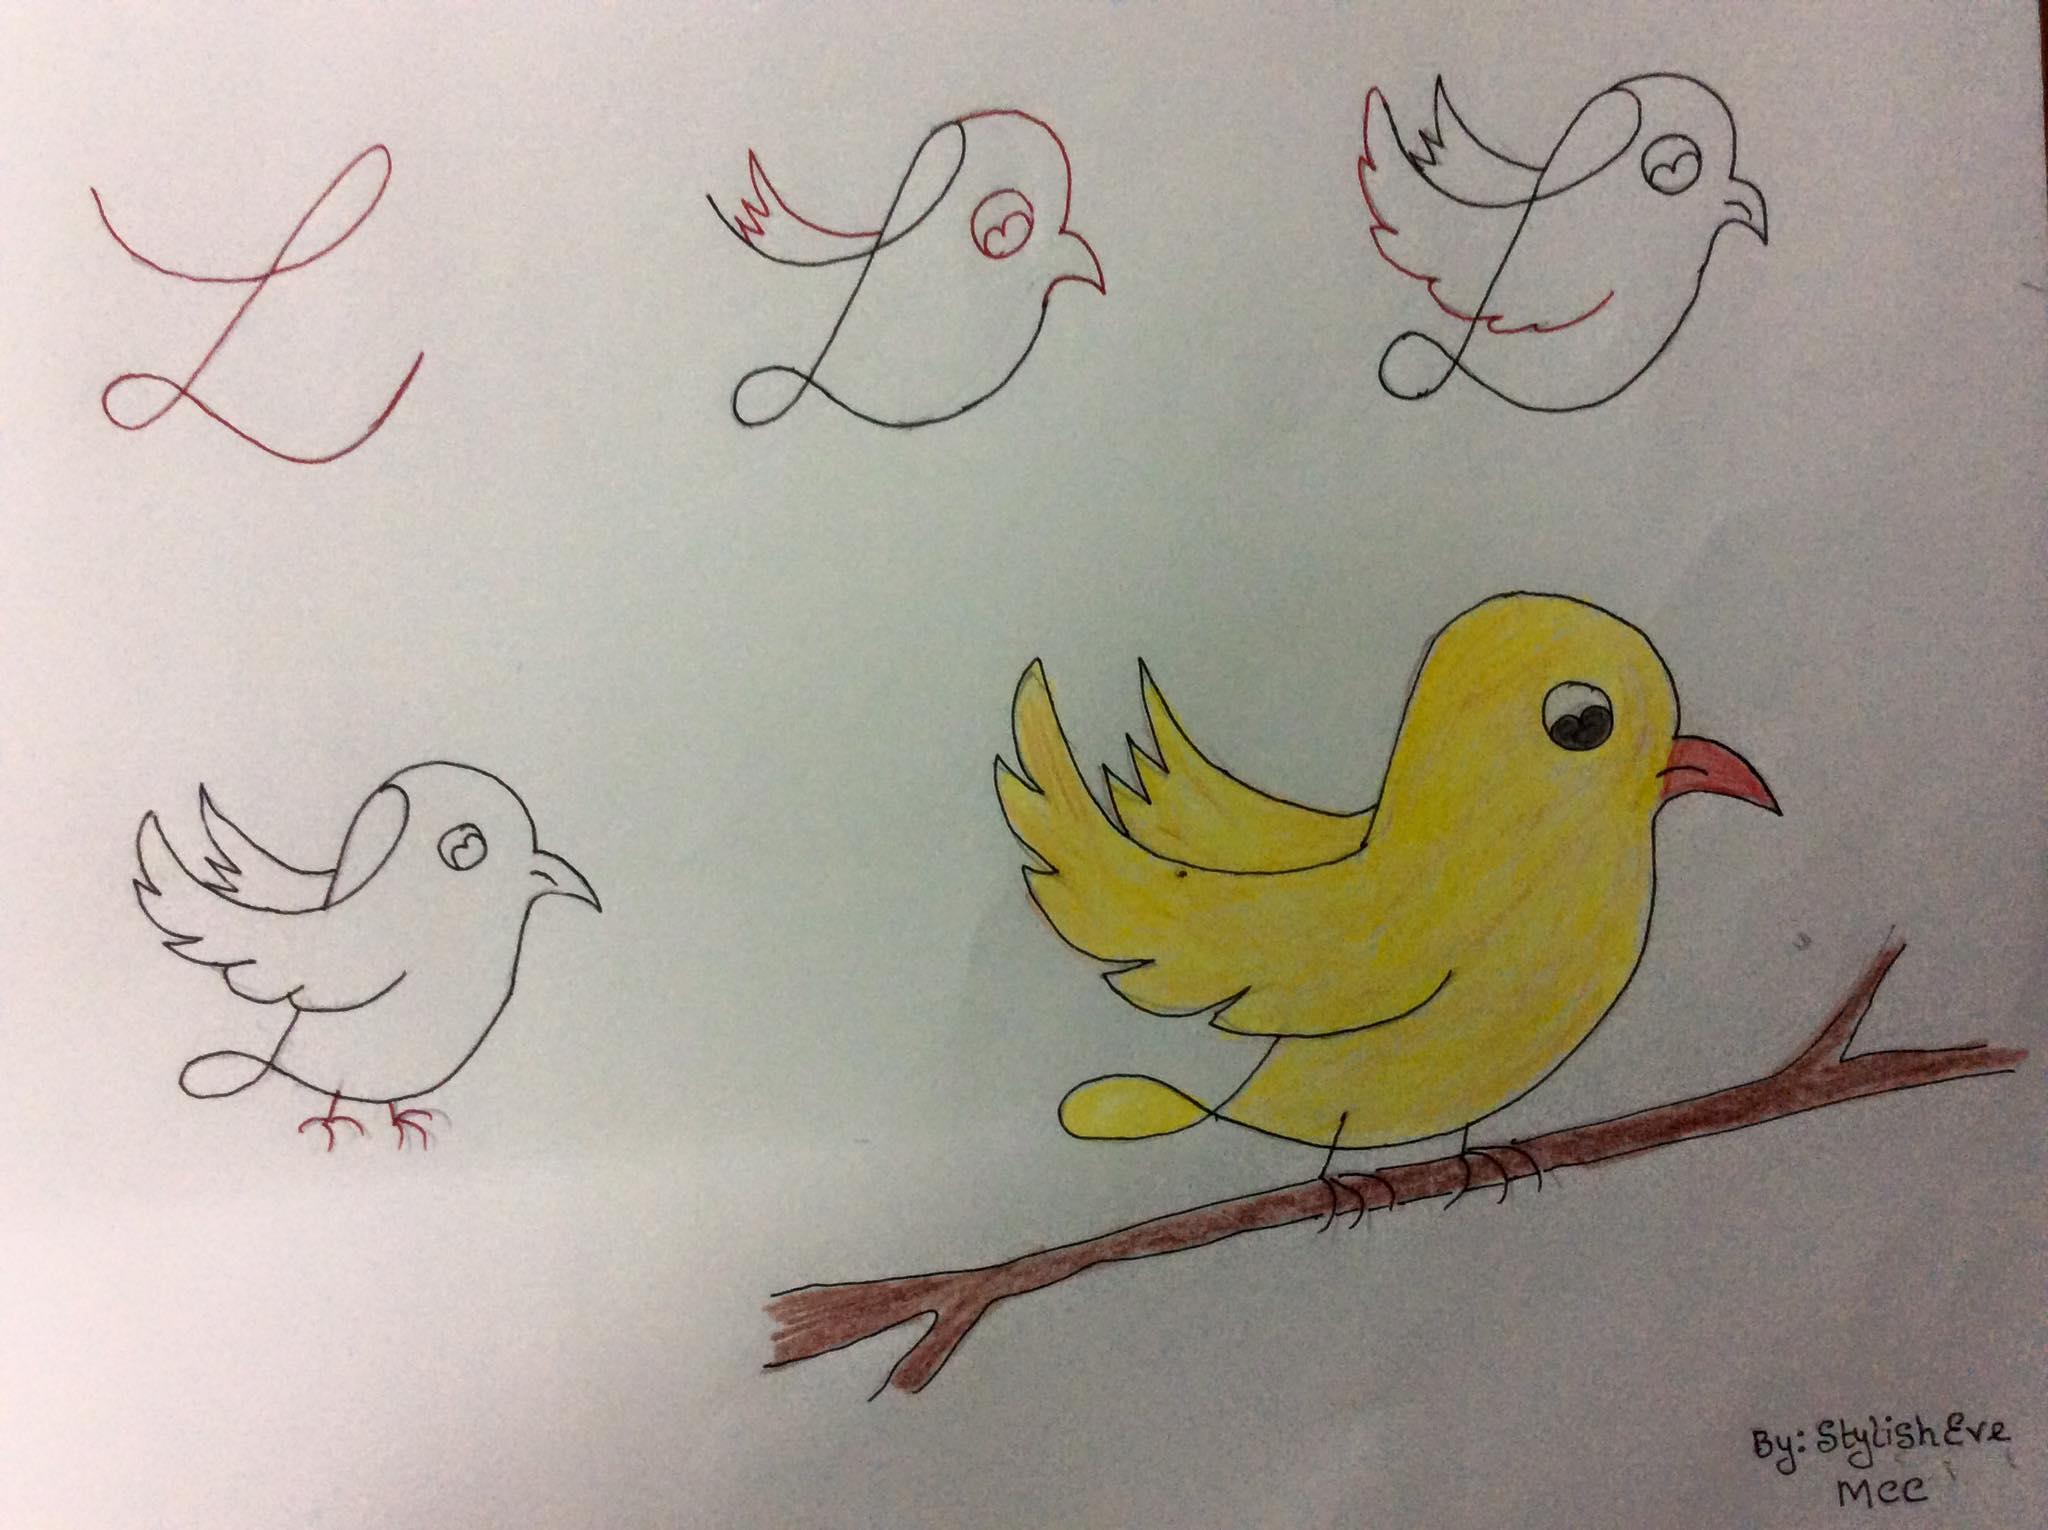 aprende a dibujar con numeros y letras 12